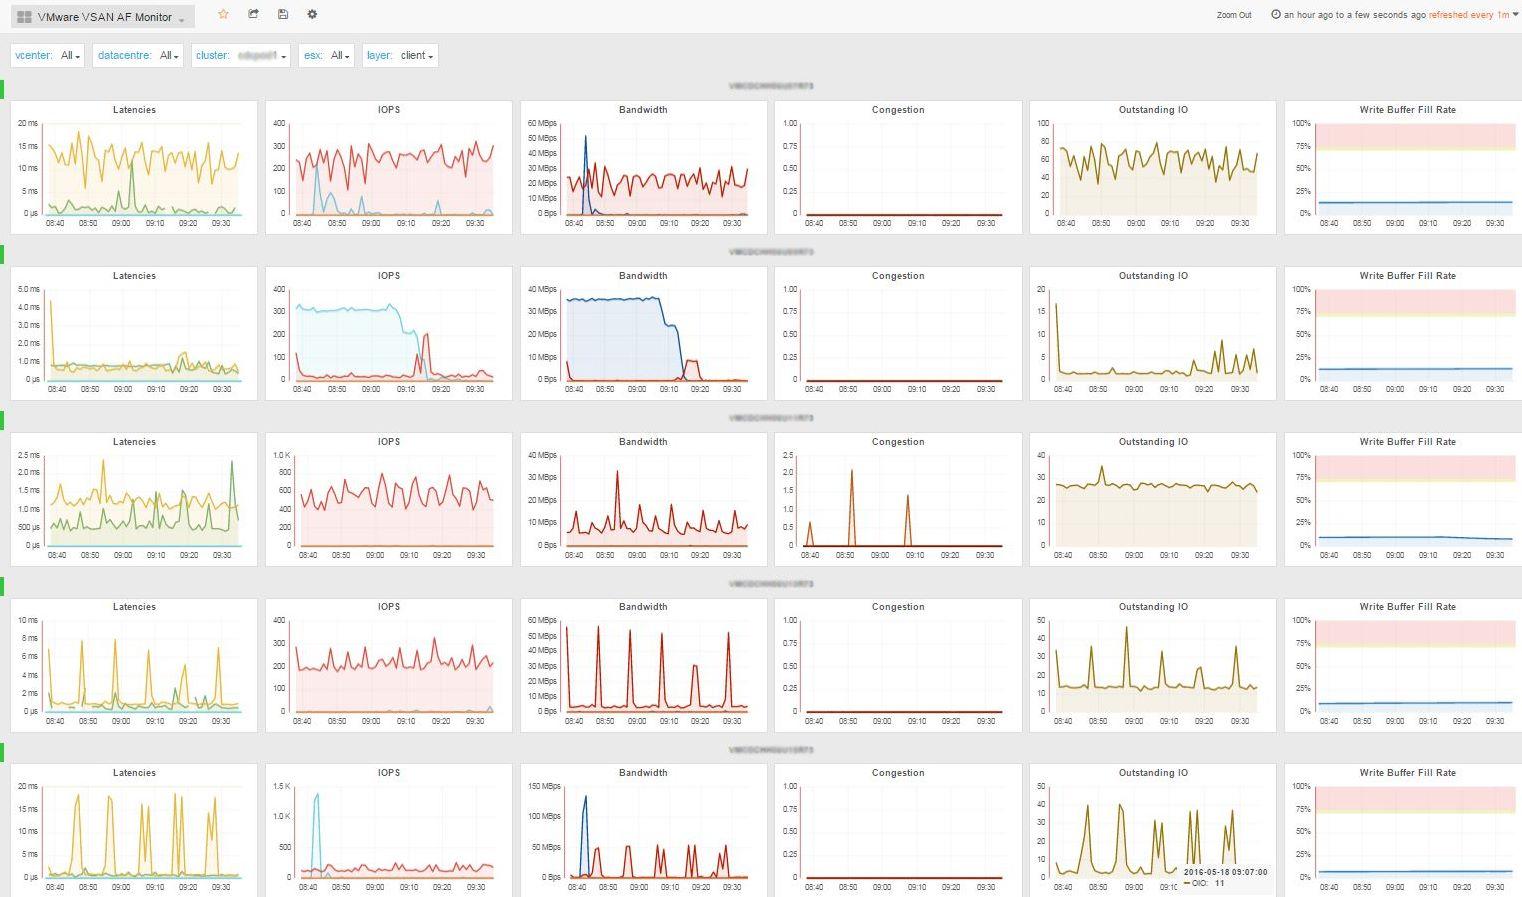 VMware_VSAN_AF_Monitor